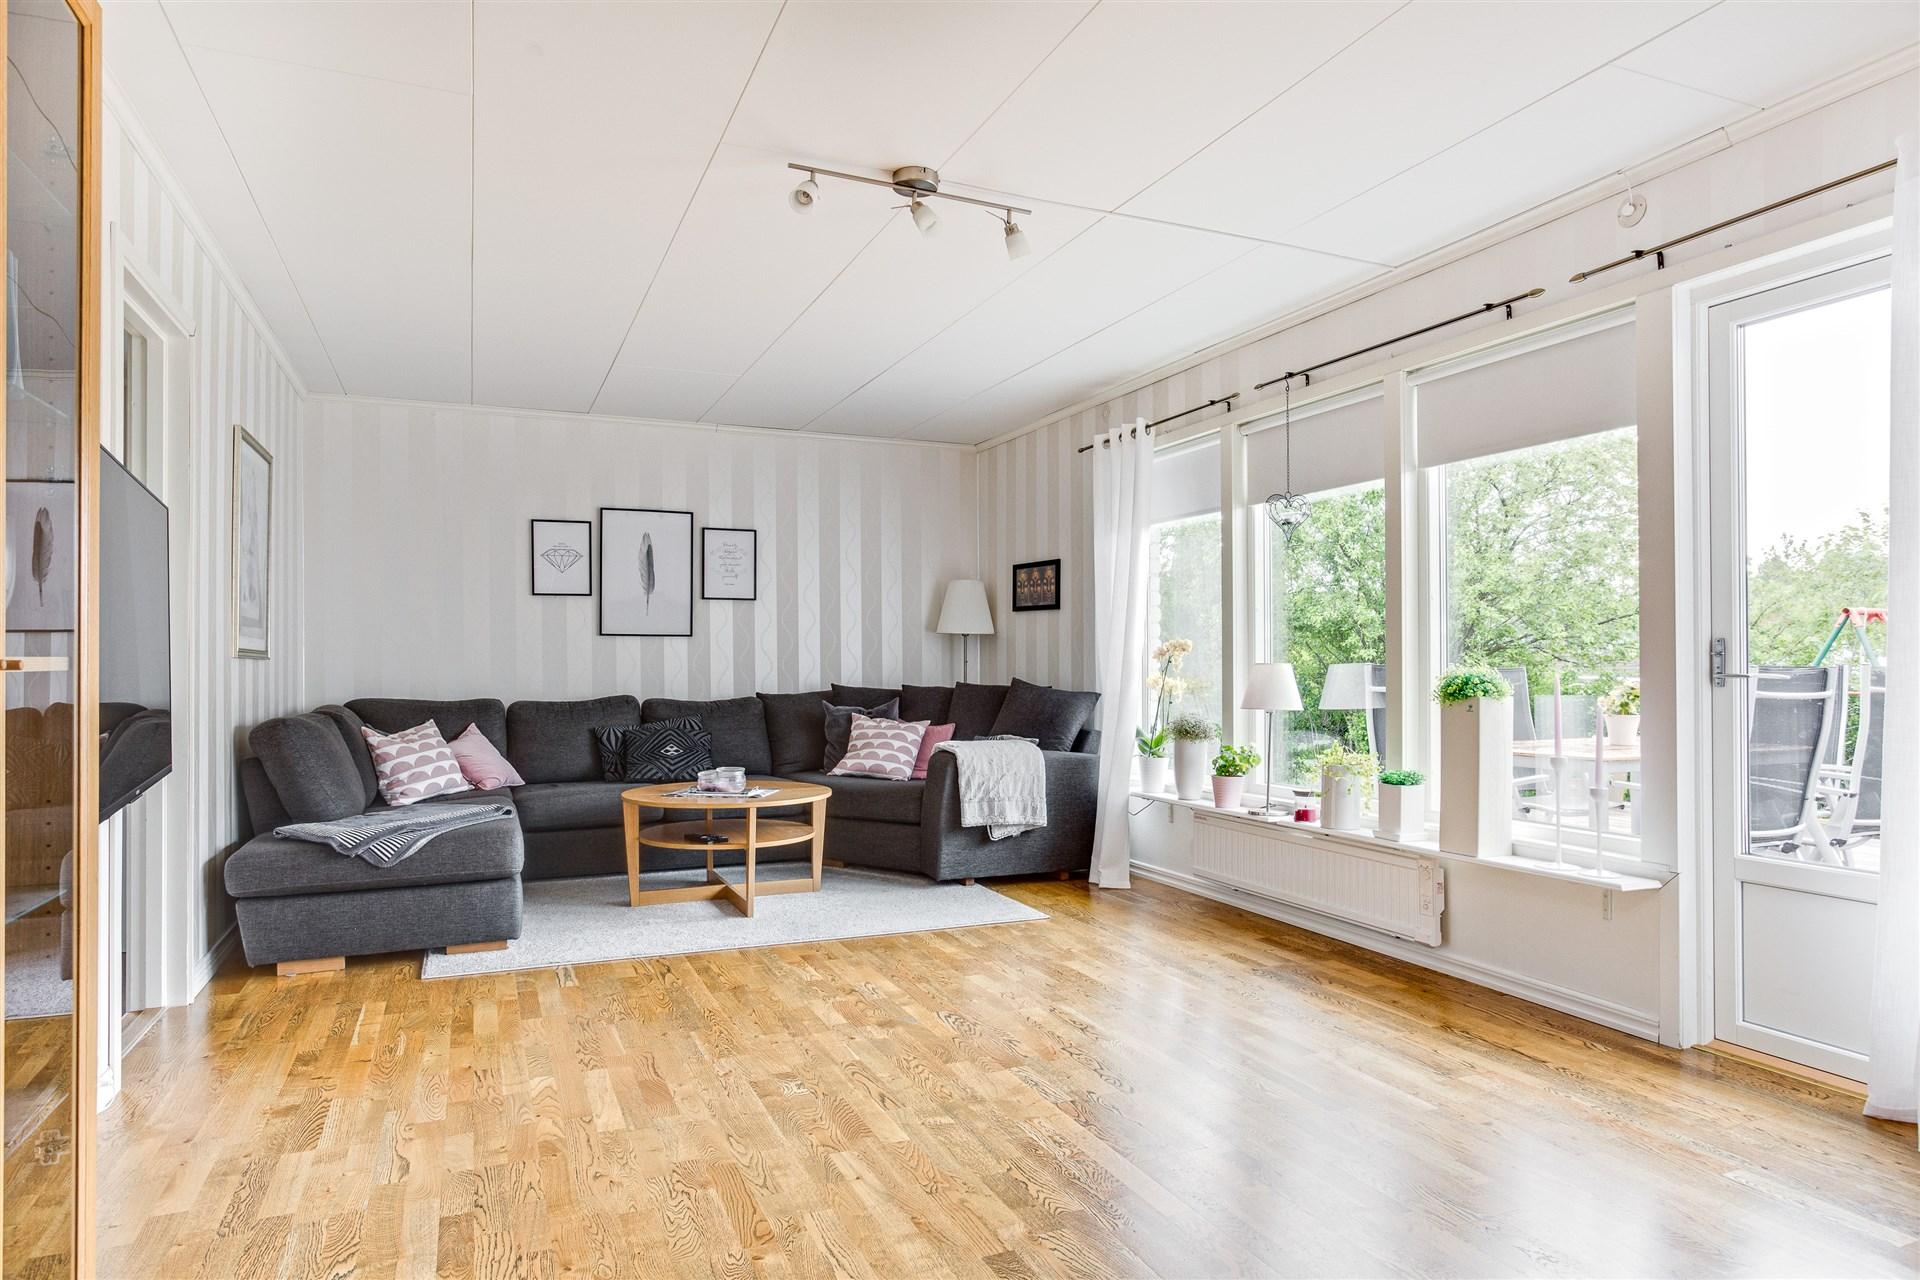 Vardagsrum med fint parkettgolv och stora fönster som ger fint ljus.